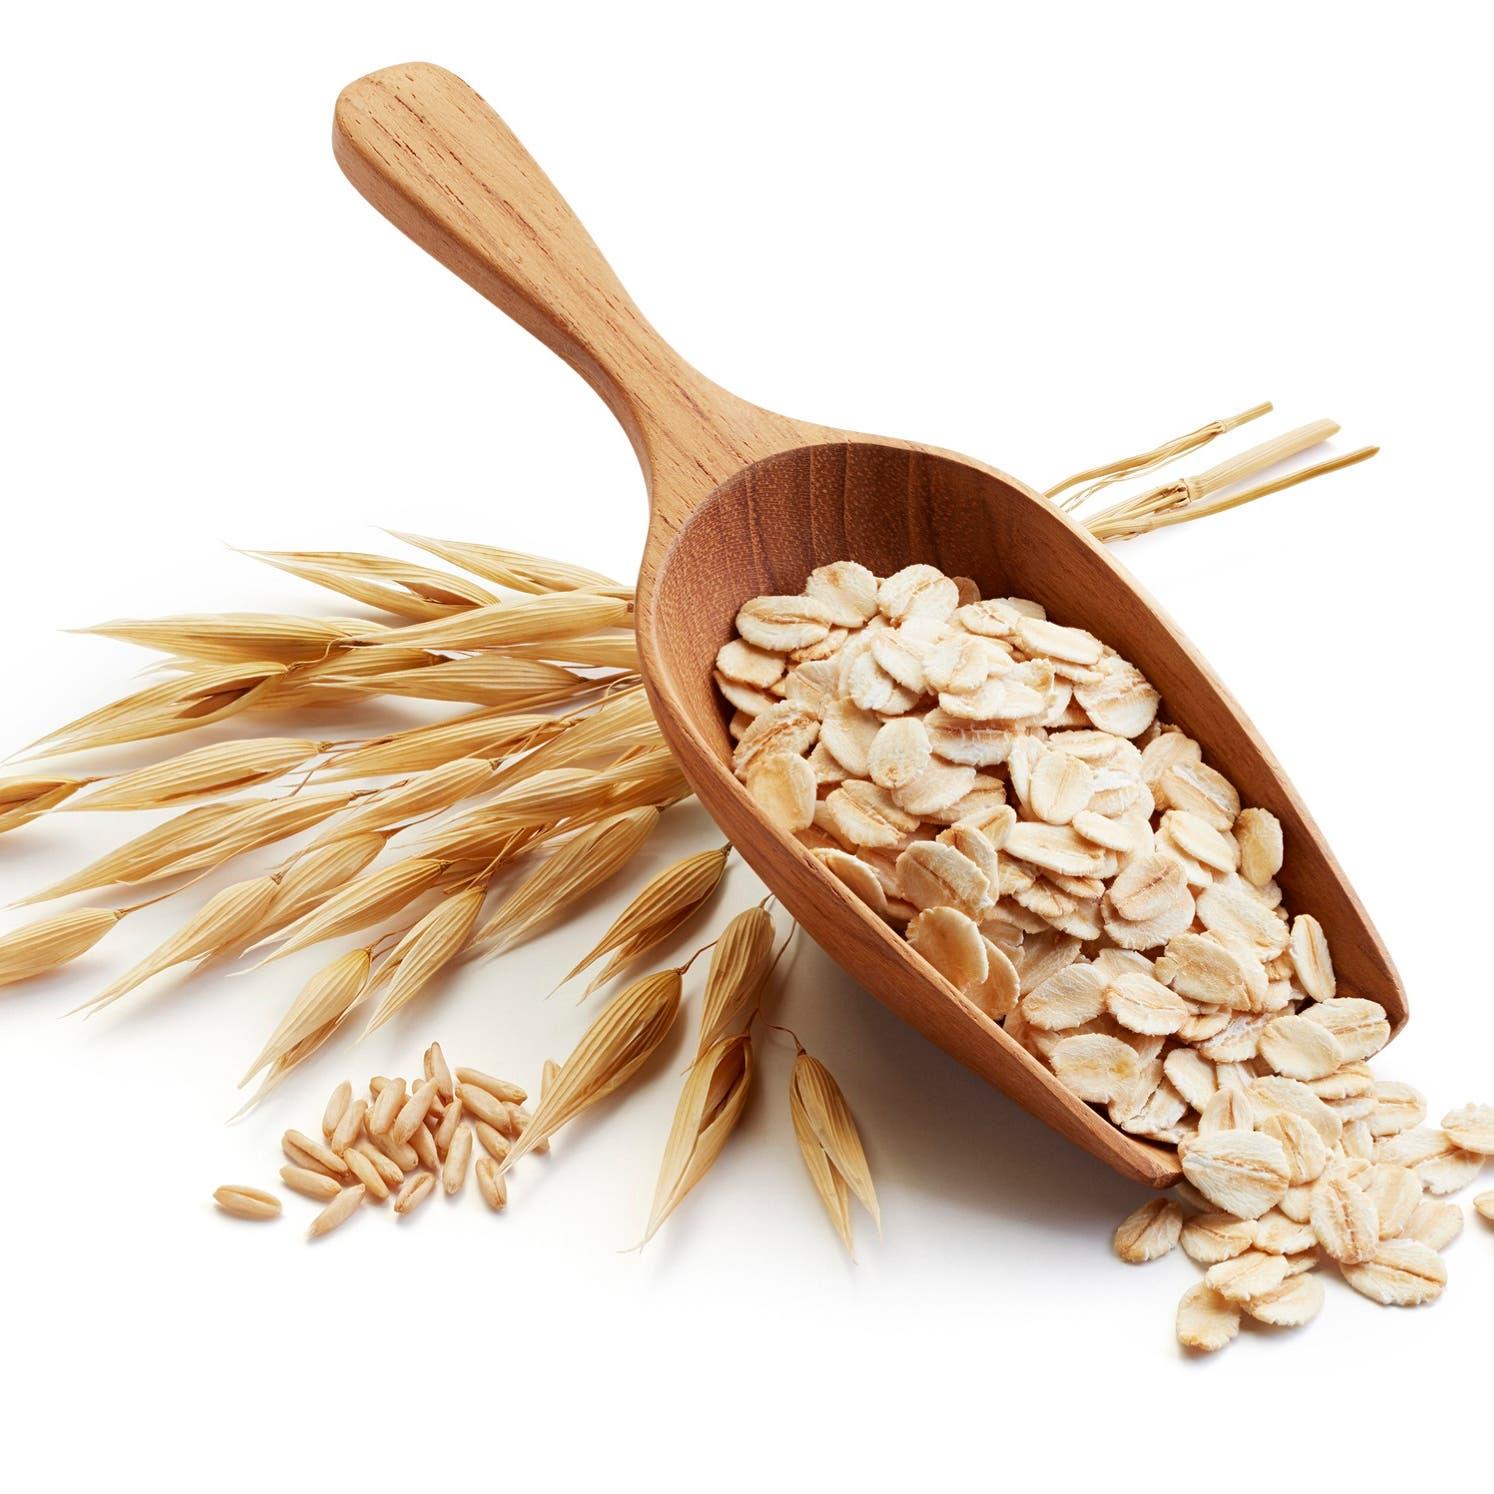 لغذاء صحي ومفيد.. إليك نصائح ذهبية!